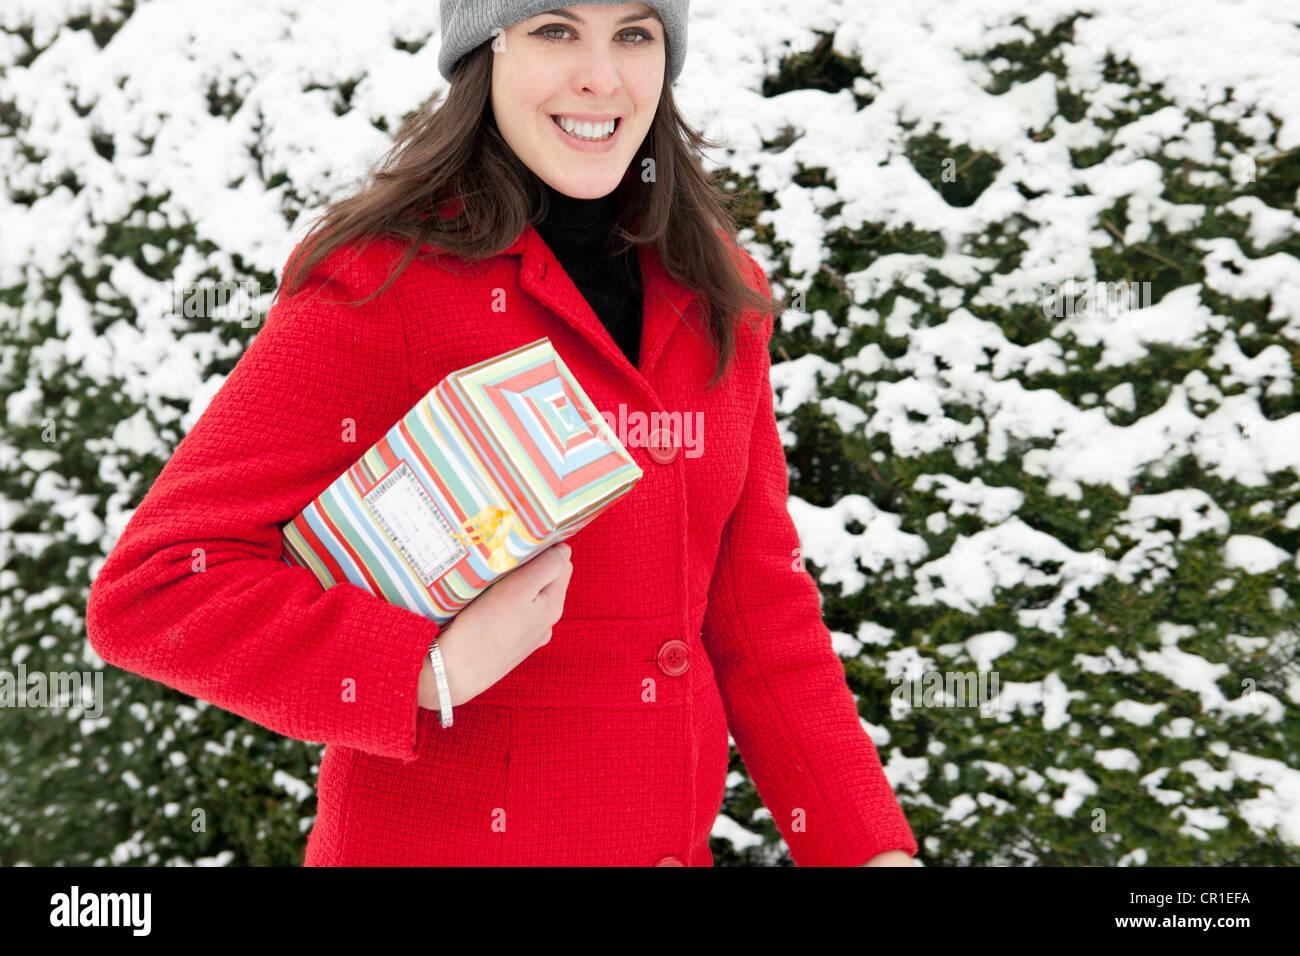 Frau mit Geschenk in Schnee gehüllt Stockbild